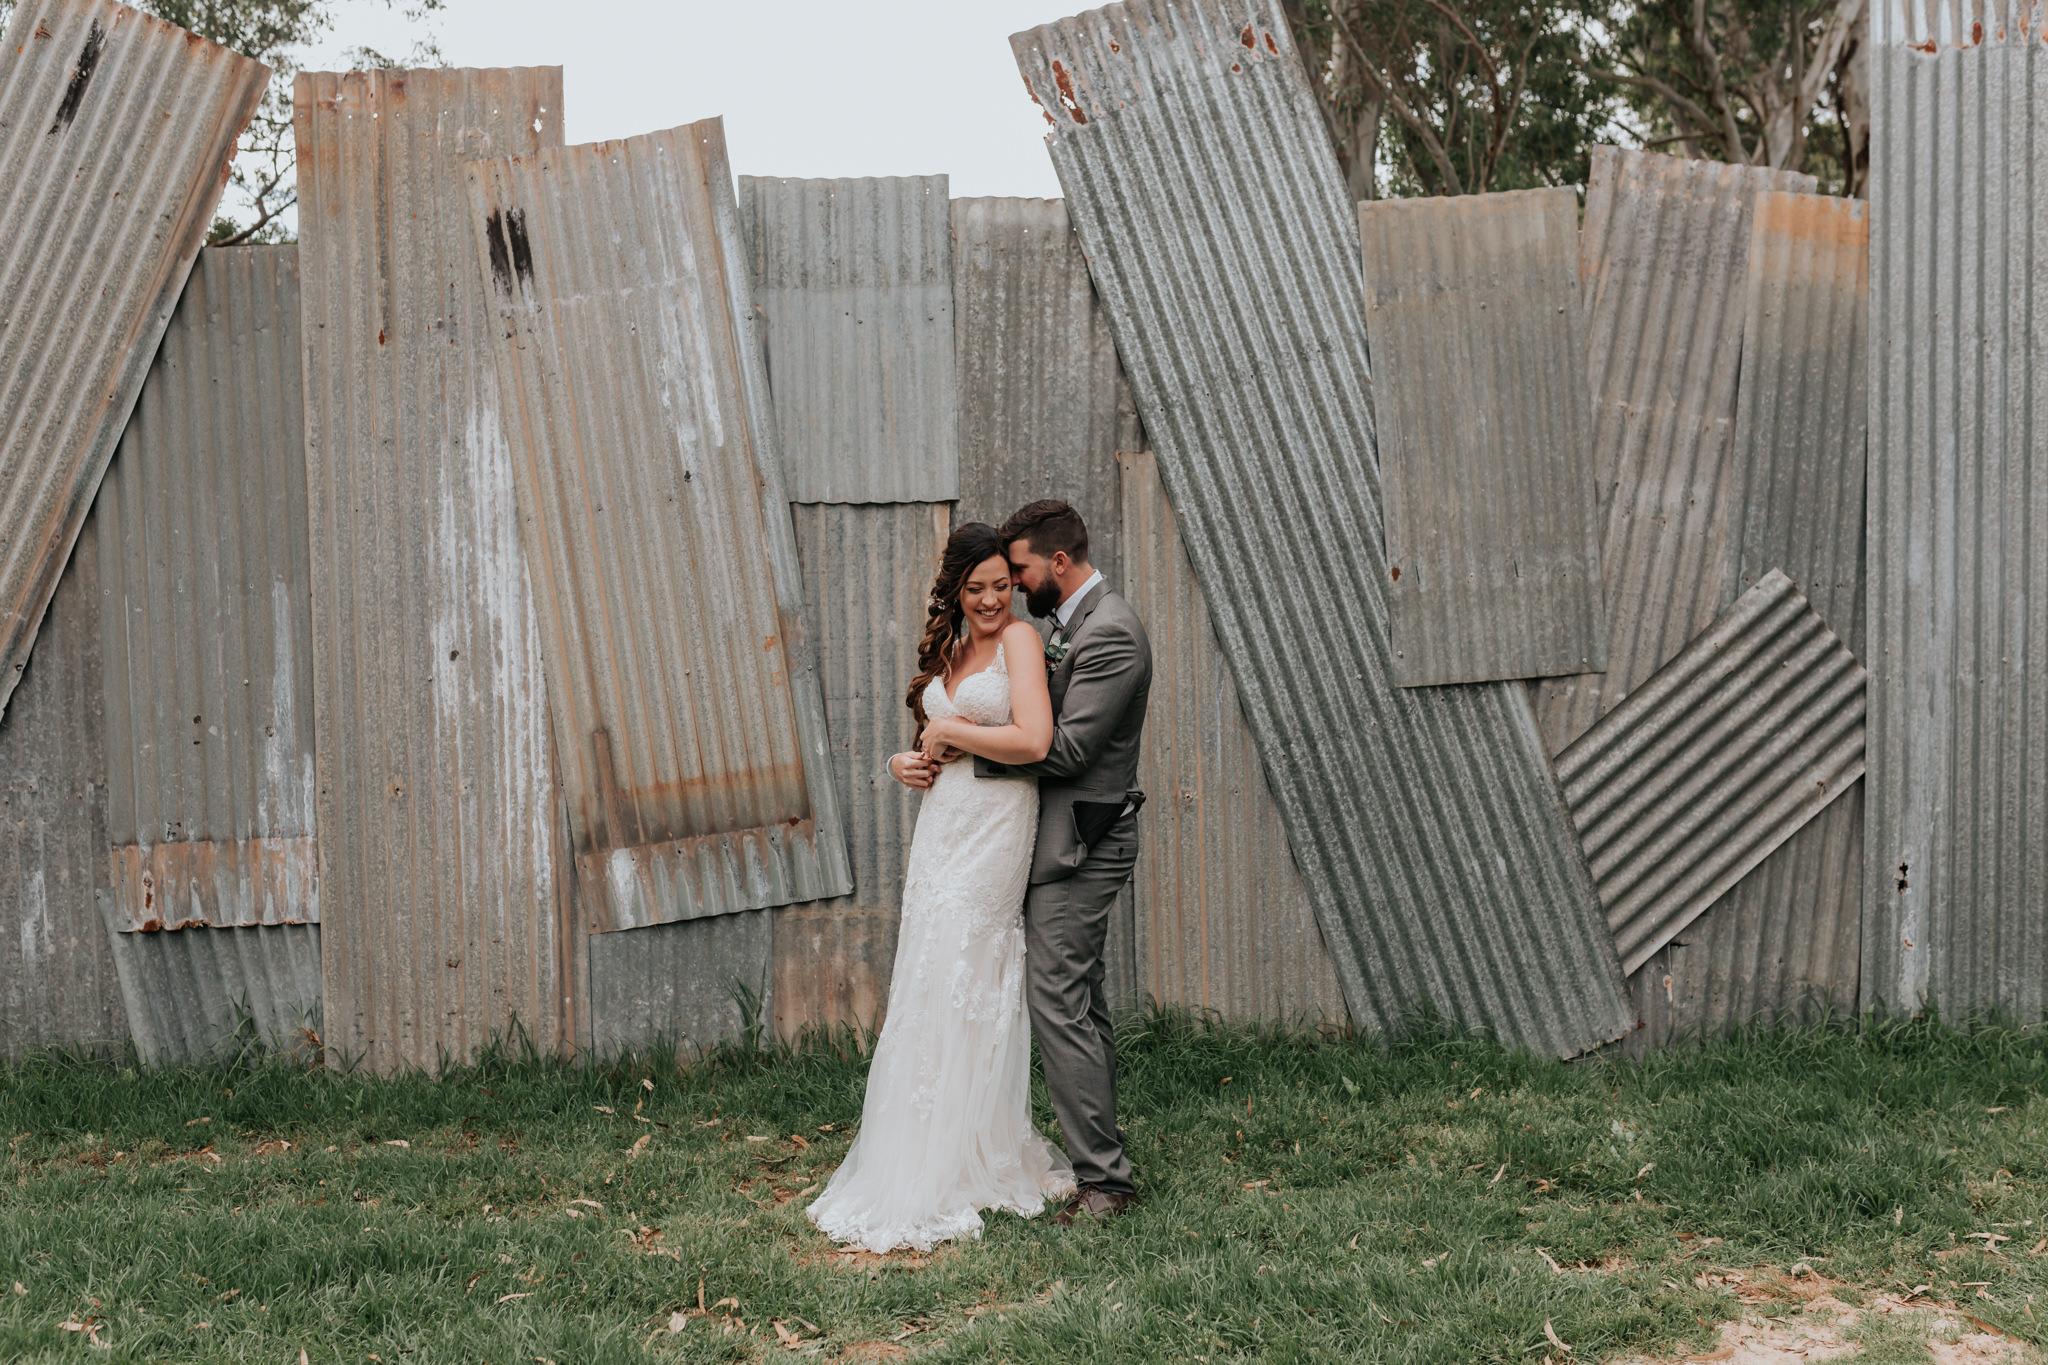 KristieCarrickPhotography_Kari&Gary_Kuitpo-902.jpg